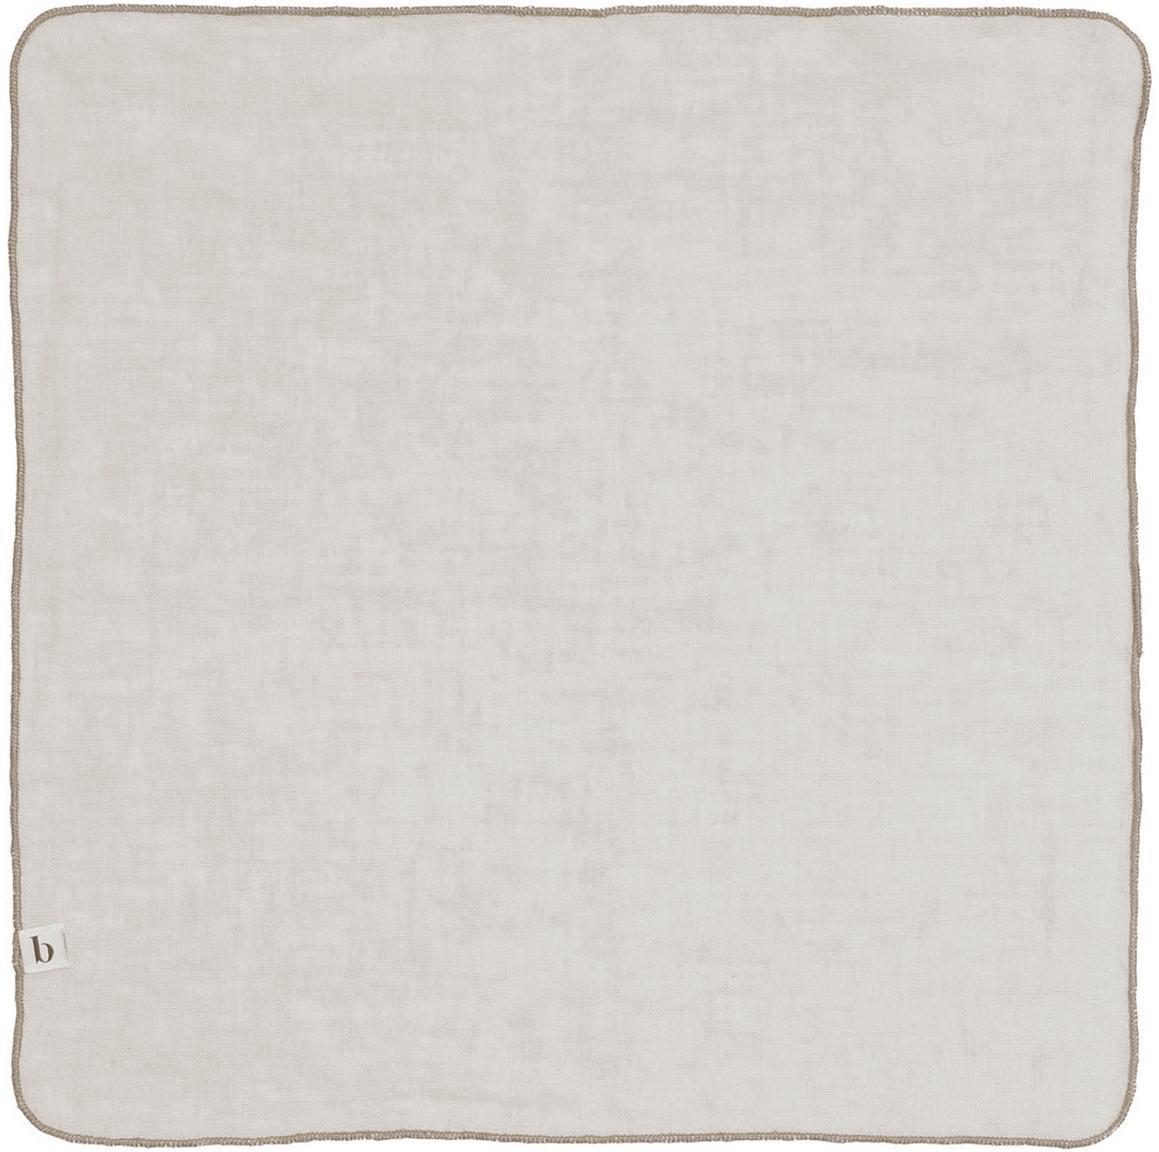 Tovagliolo in lino Gracie 2 pz, Legno naturale, lino, Grigio, P 45 x L 45 cm